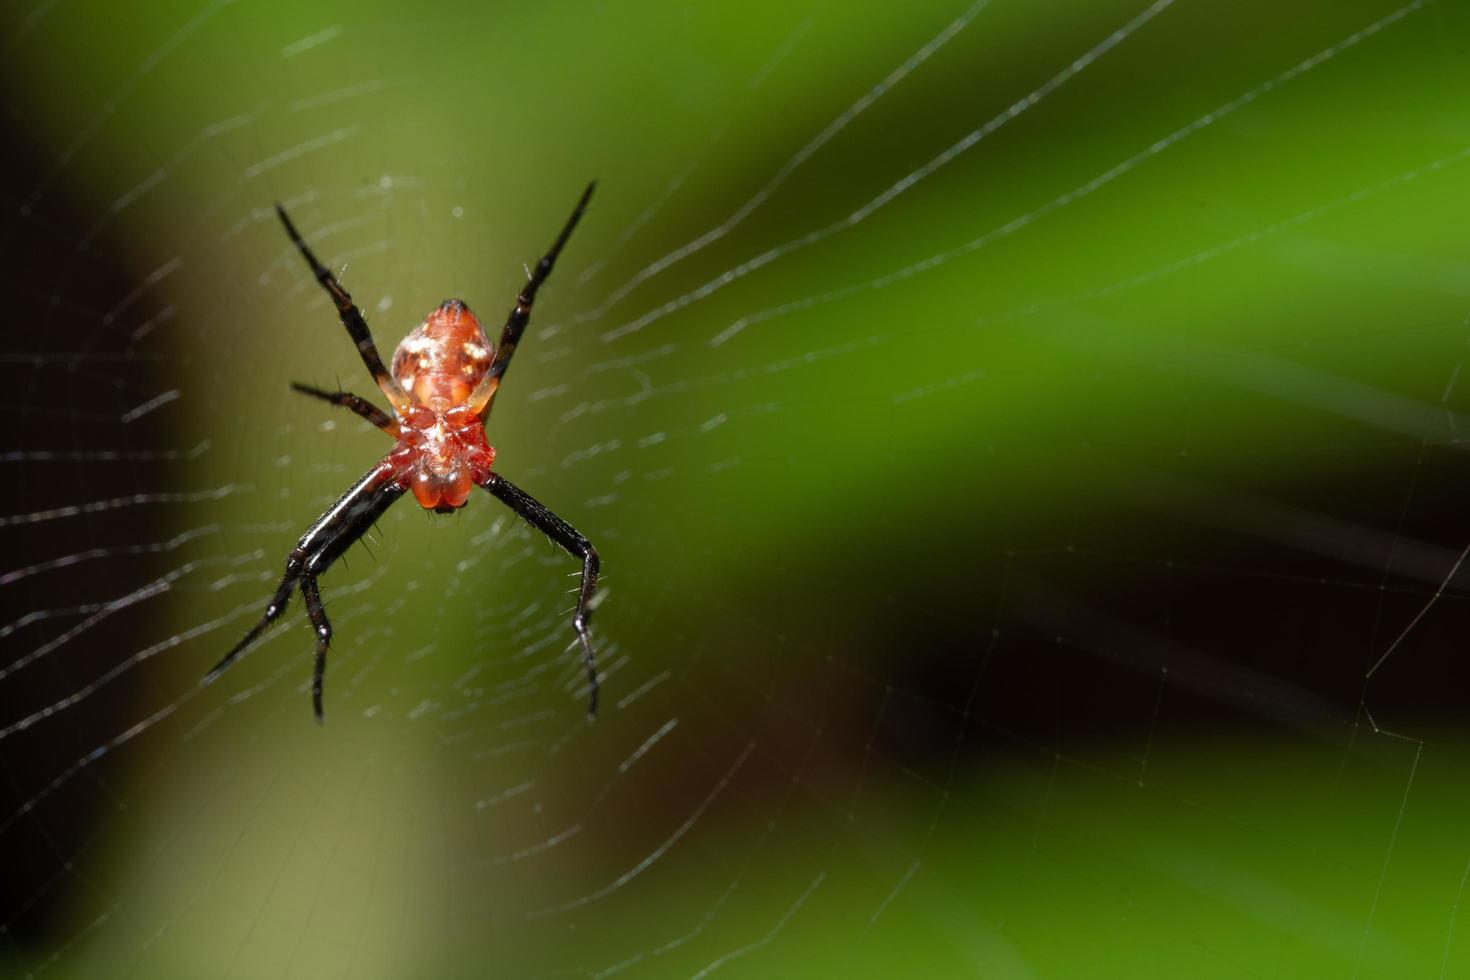 araña macro en la naturaleza foto